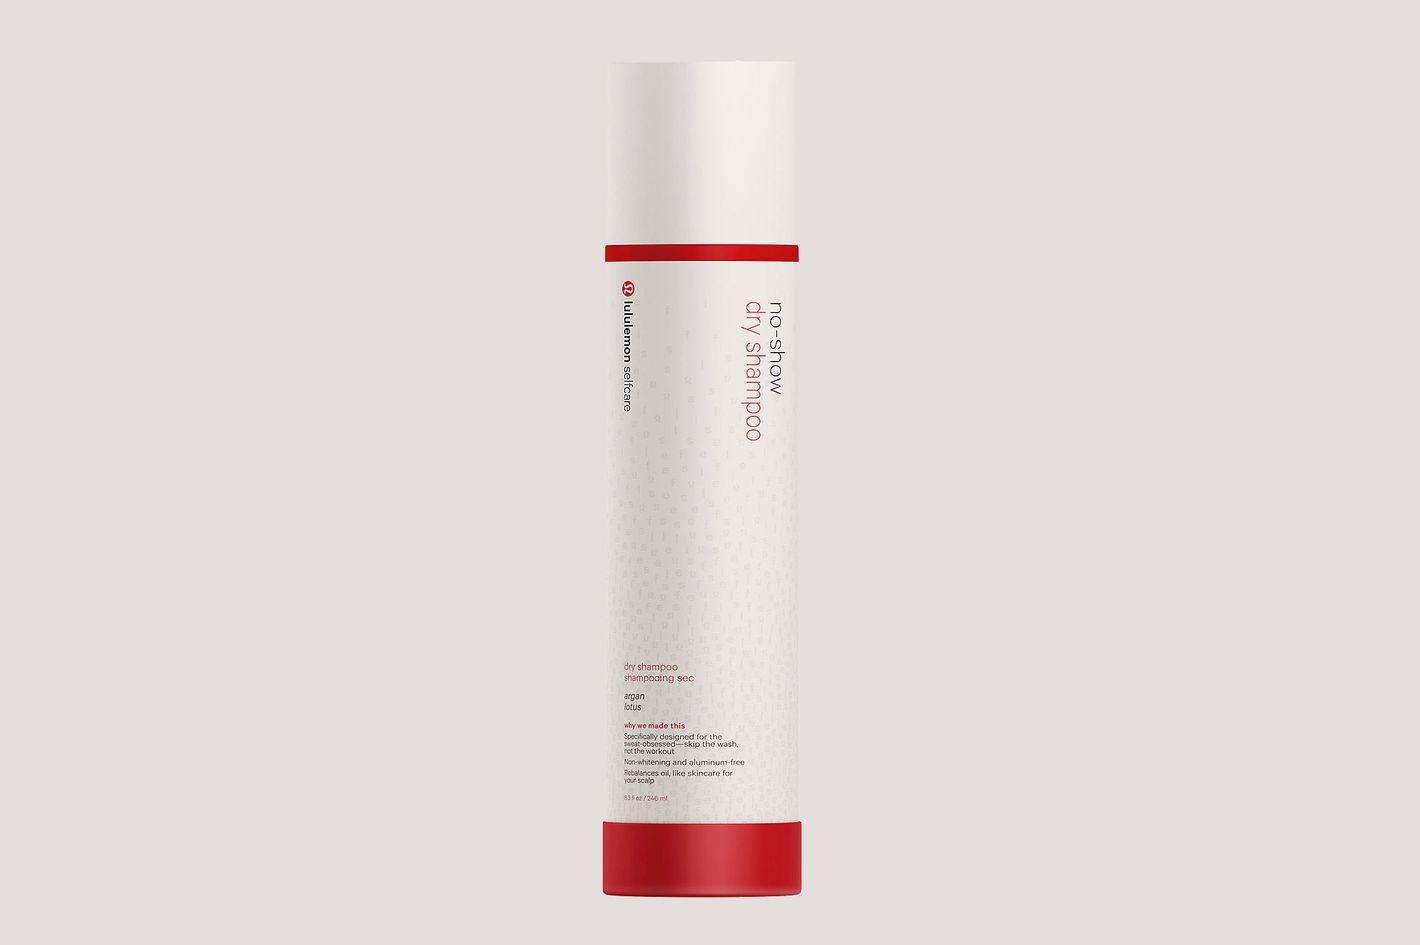 No-Show Dry Shampoo